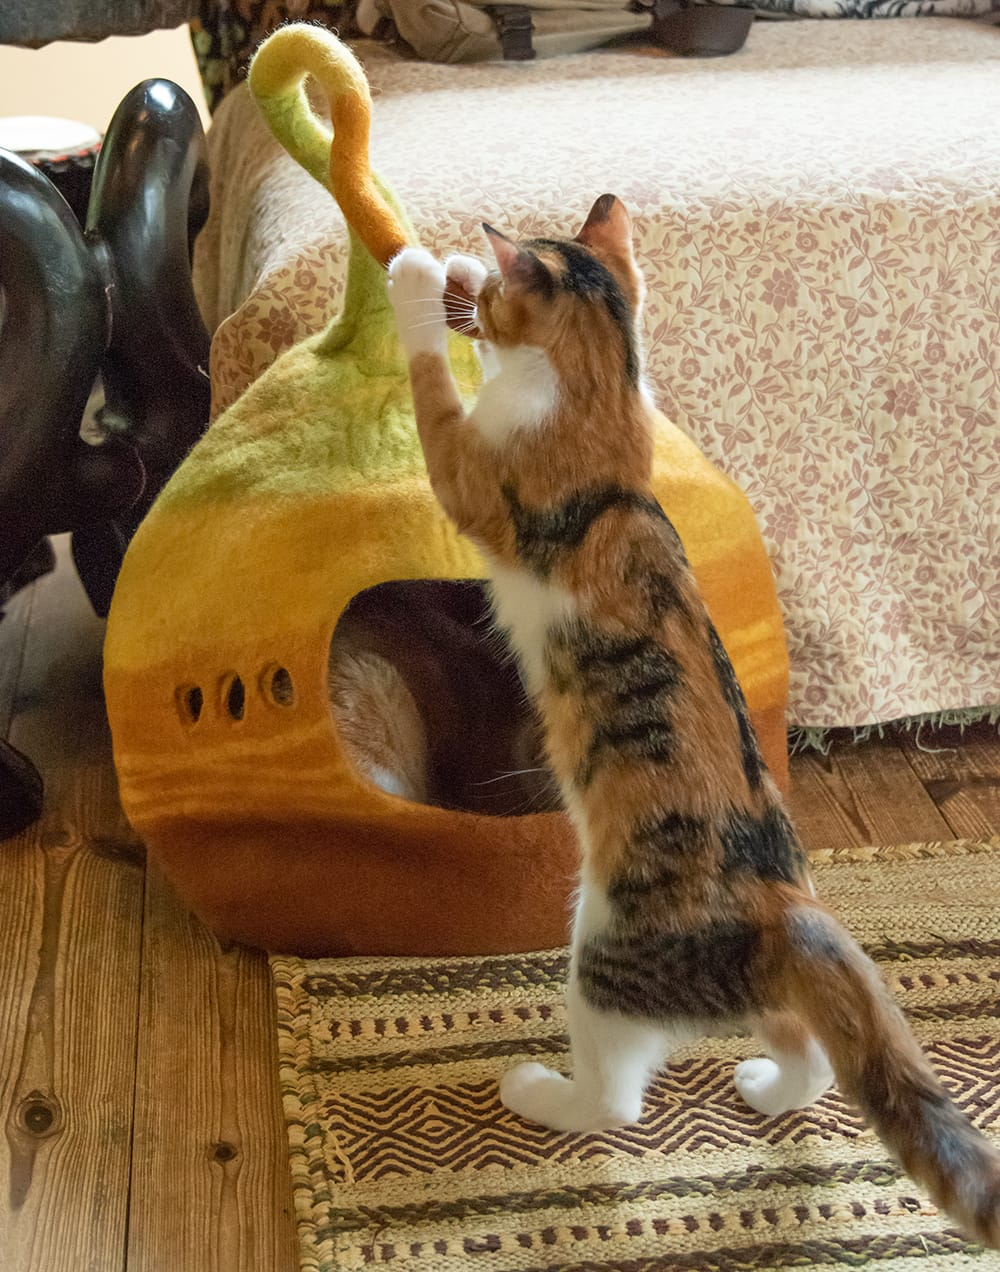 ネパールフェルトのしっぽ付きキャットハウス 10 - しっぽ部分をかじったり猫パンチ食らわせたりして遊びます